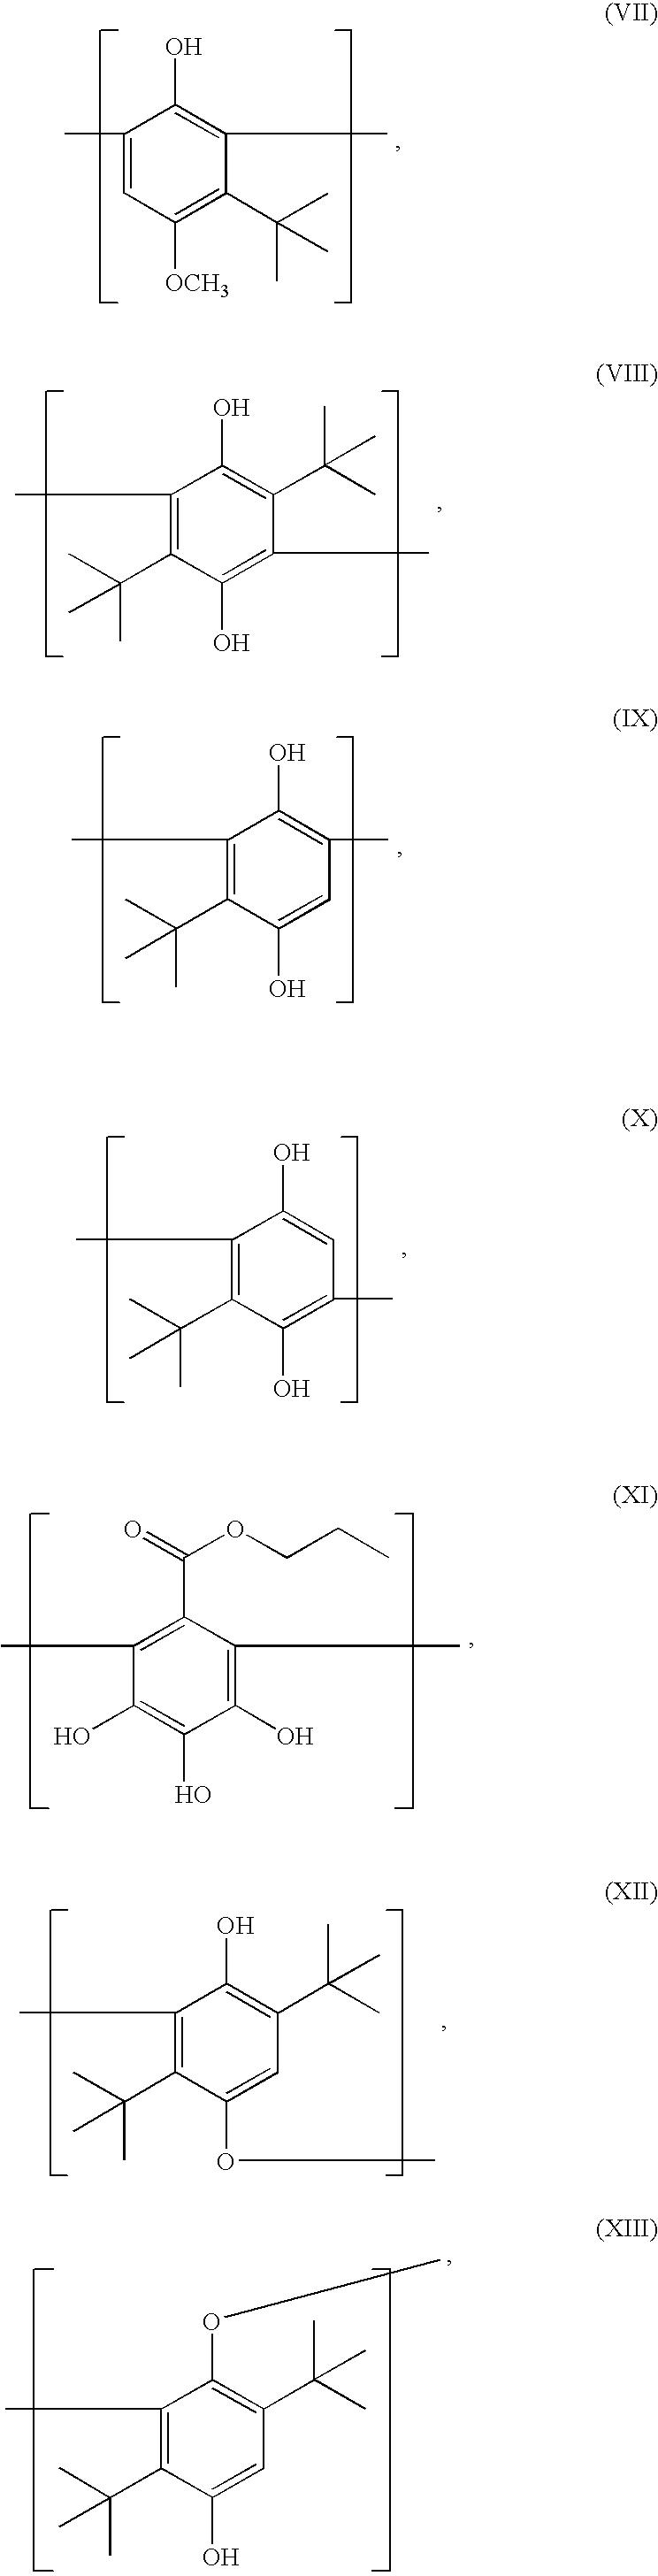 Figure US20030230743A1-20031218-C00016